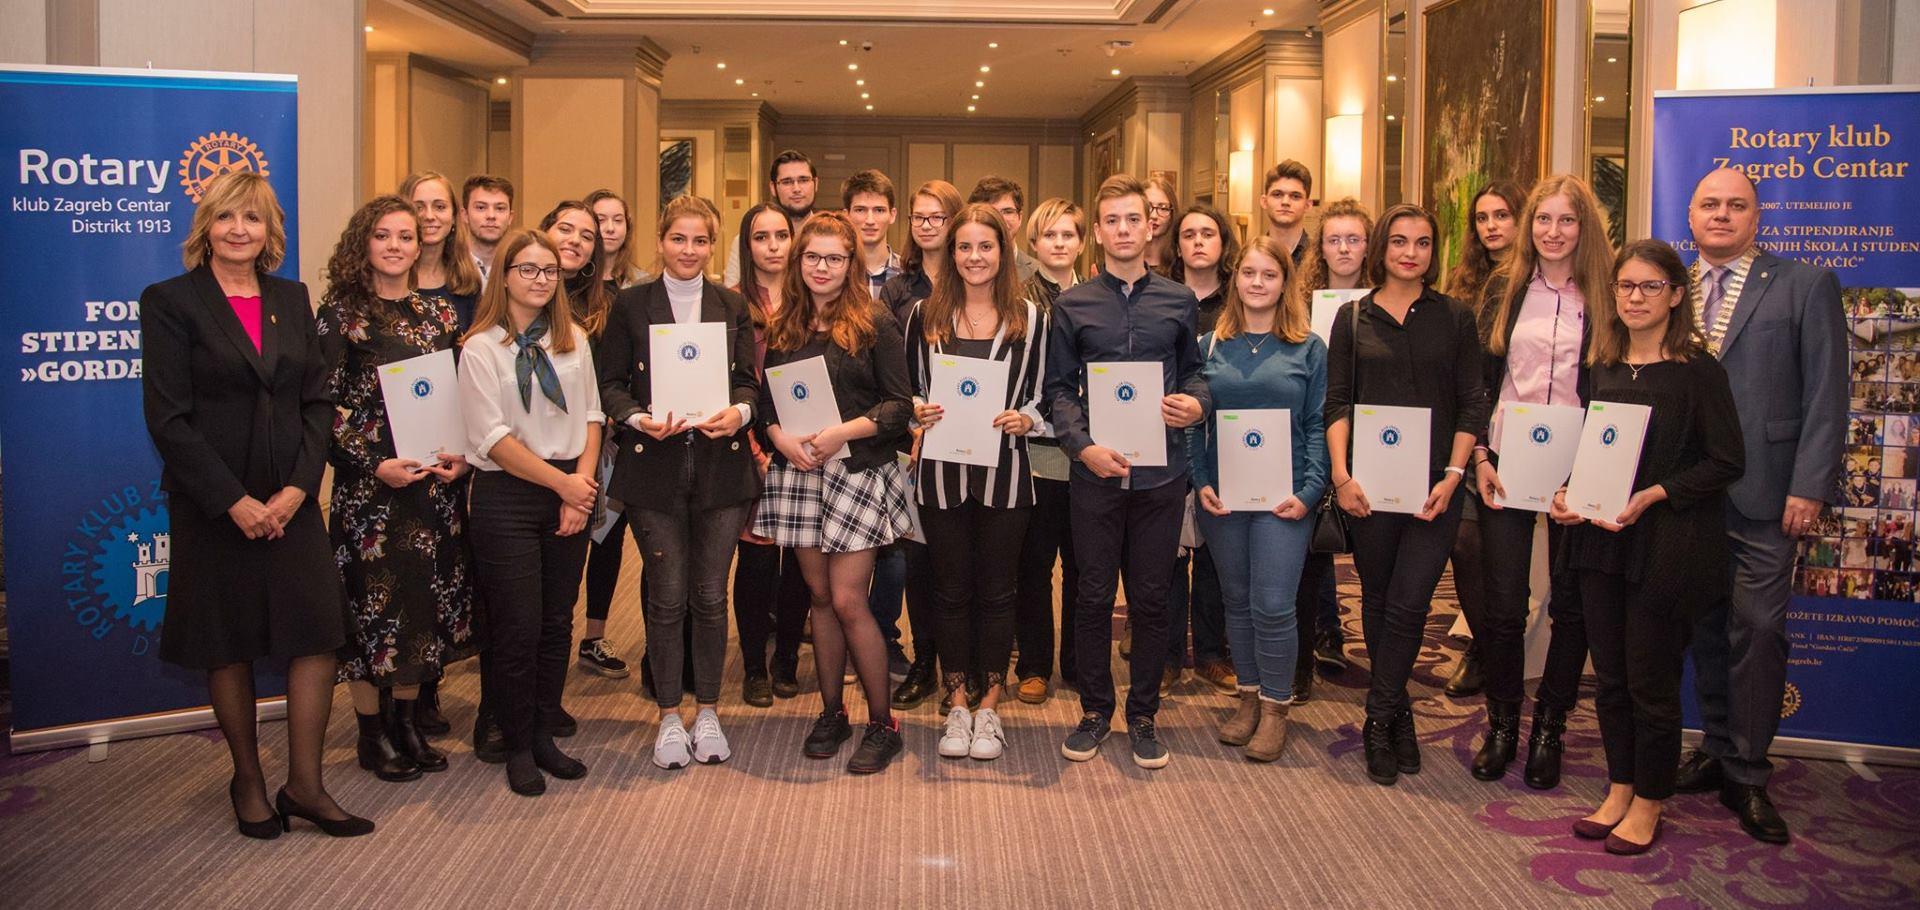 Rotary klub Zagreb Centardodijelio nove stipendije